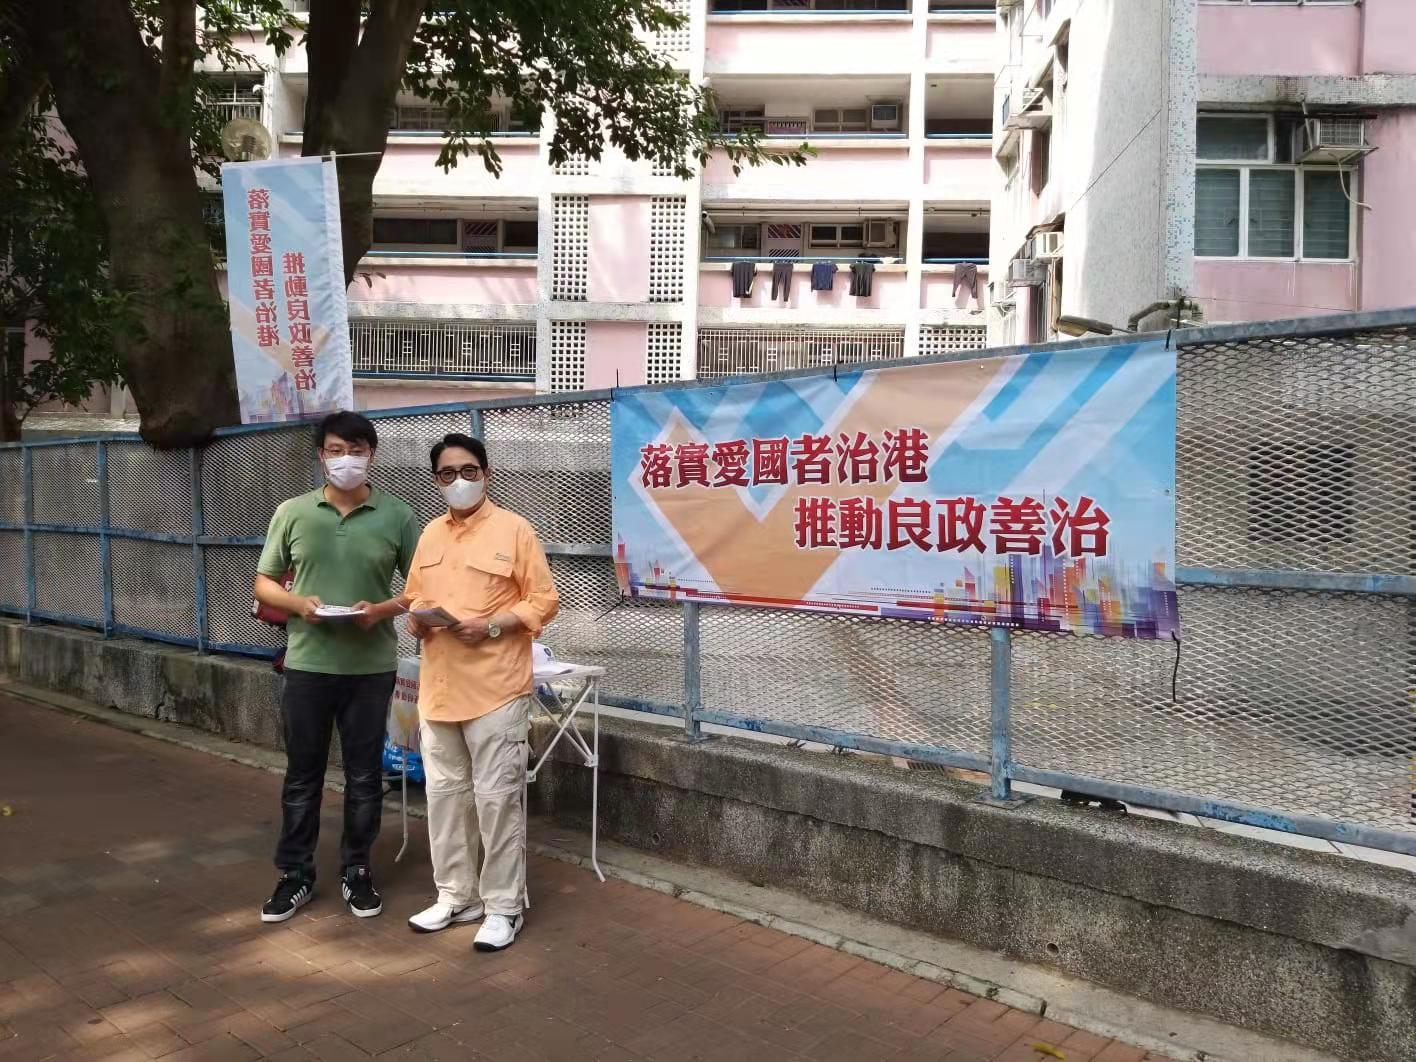 黃國健(右)在街站點向市民宣傳新選制,聽取市民意見。